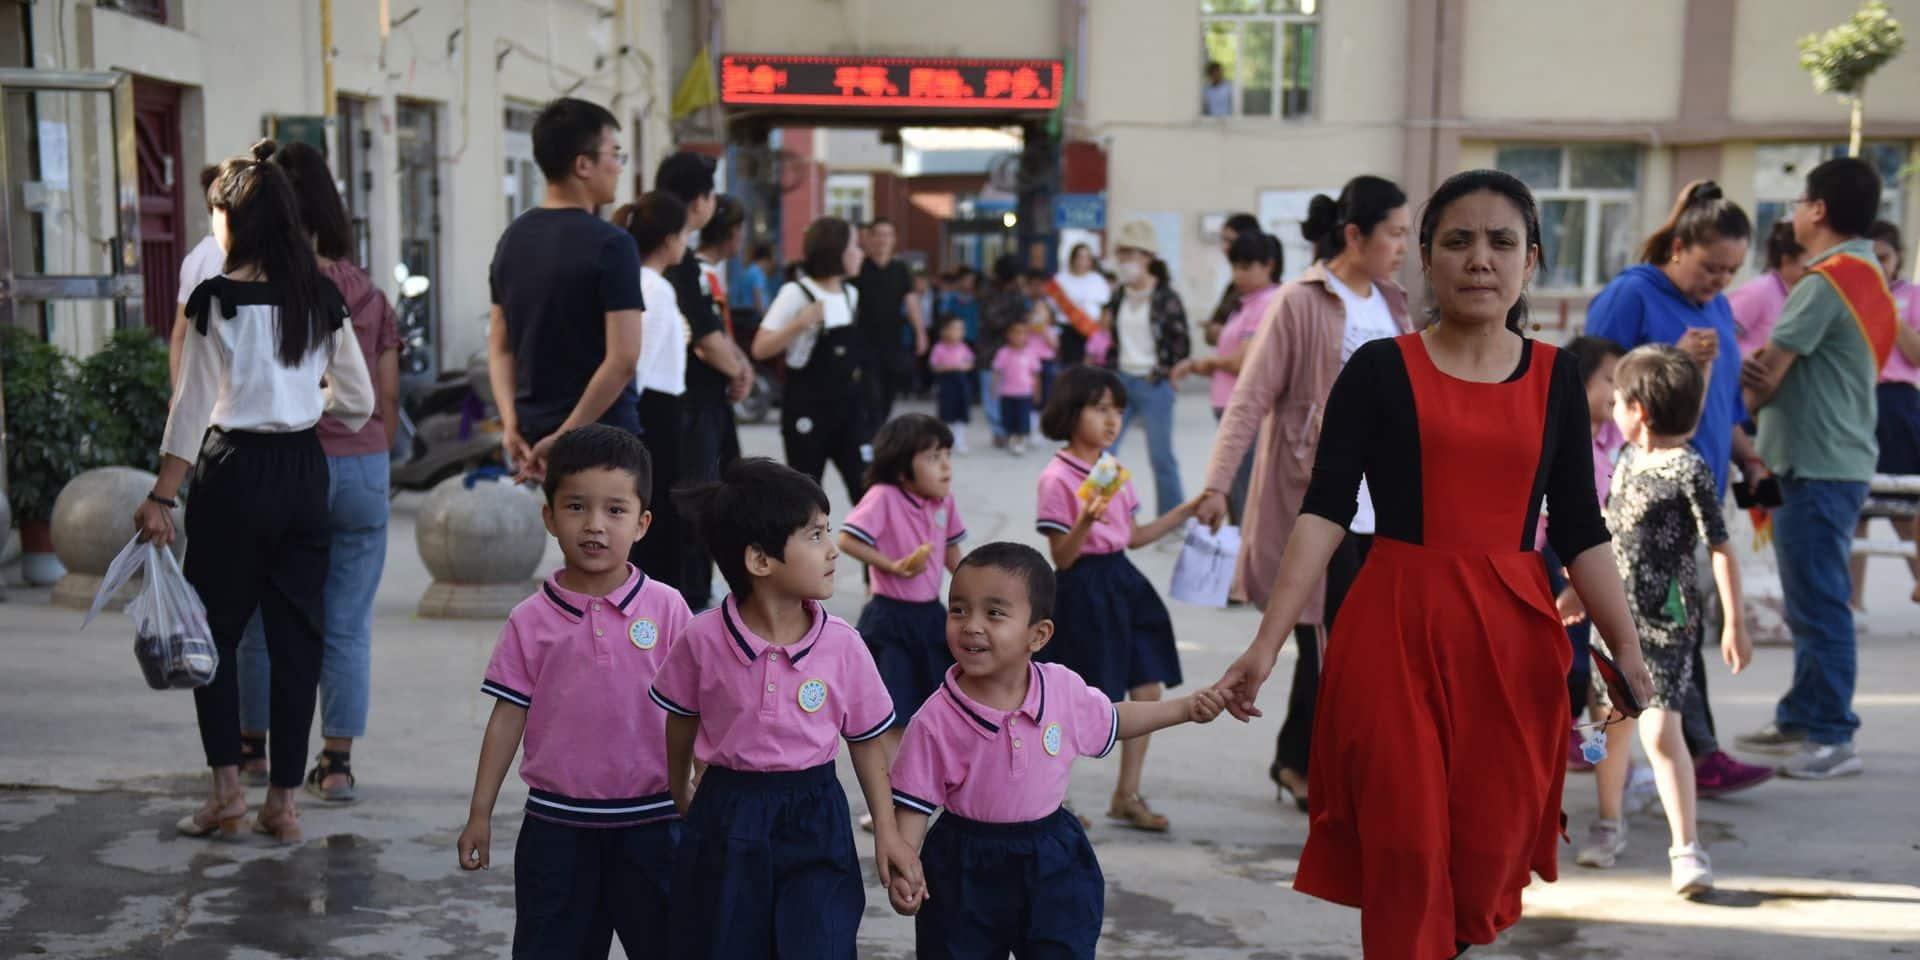 Dépistage massif en Chine après 137 nouveaux cas de coronavirus au Xinjiang